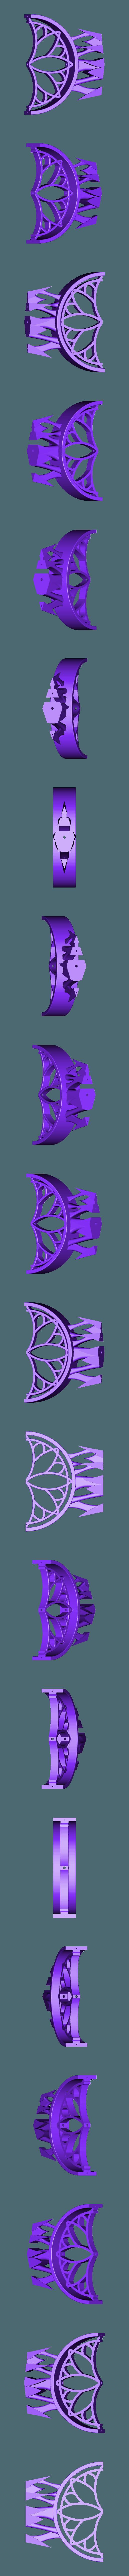 Dream Nail 3.stl Download STL file Hollow Knight Dream Nail • 3D print object, glargonoid